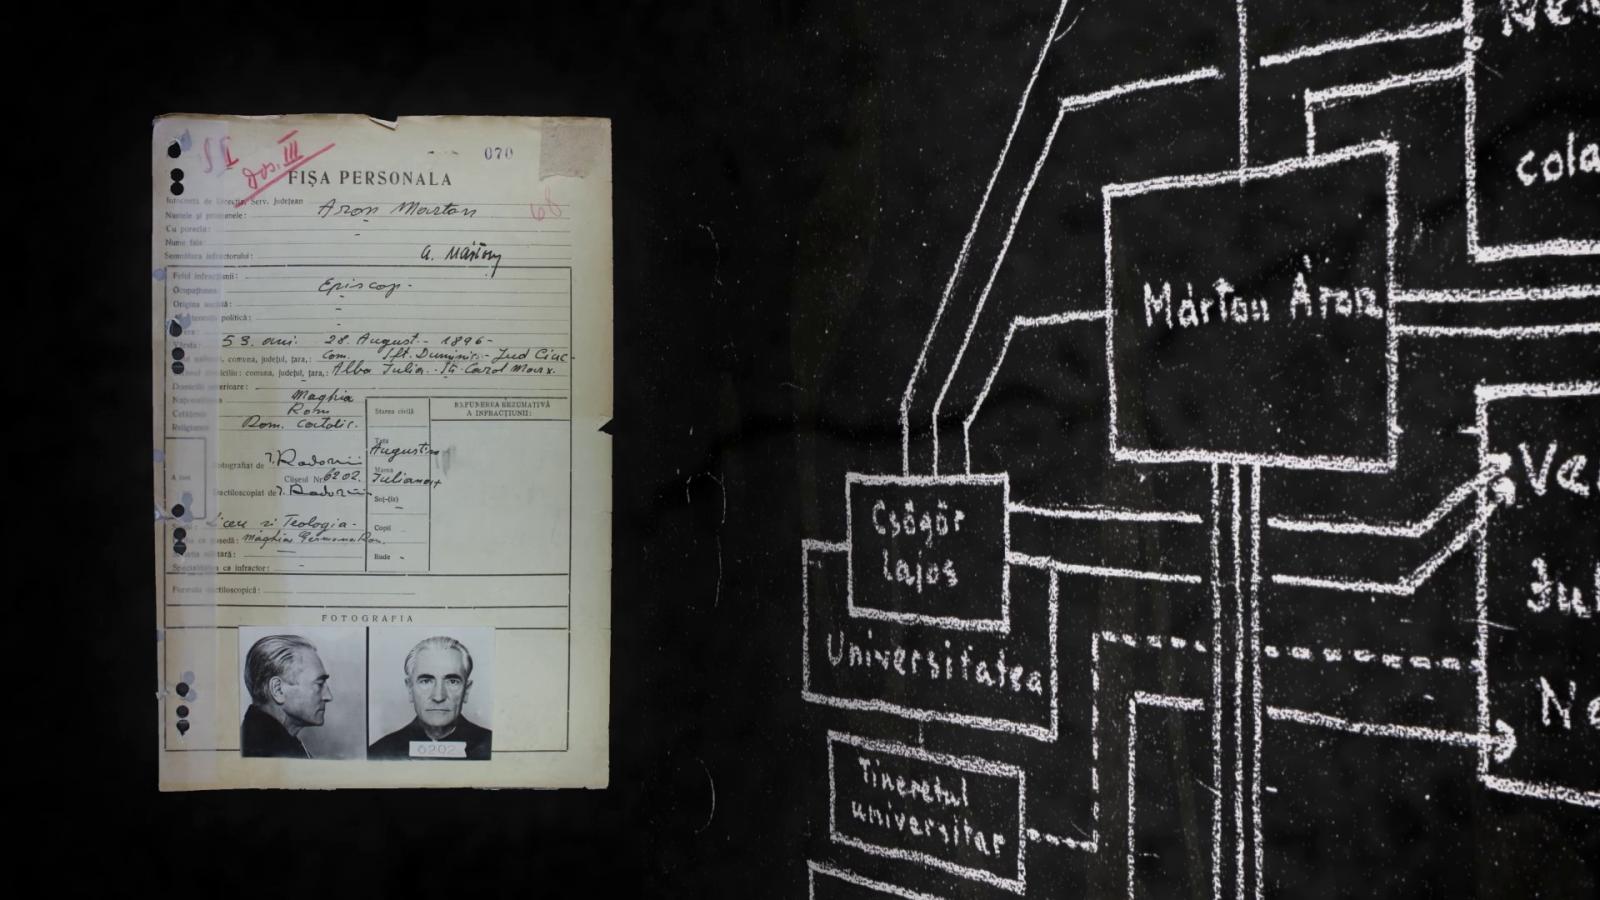 Márton Áron letartóztatási adatlapja 1949-ből | Forrás: Nagy Mihály Zoltán közlése